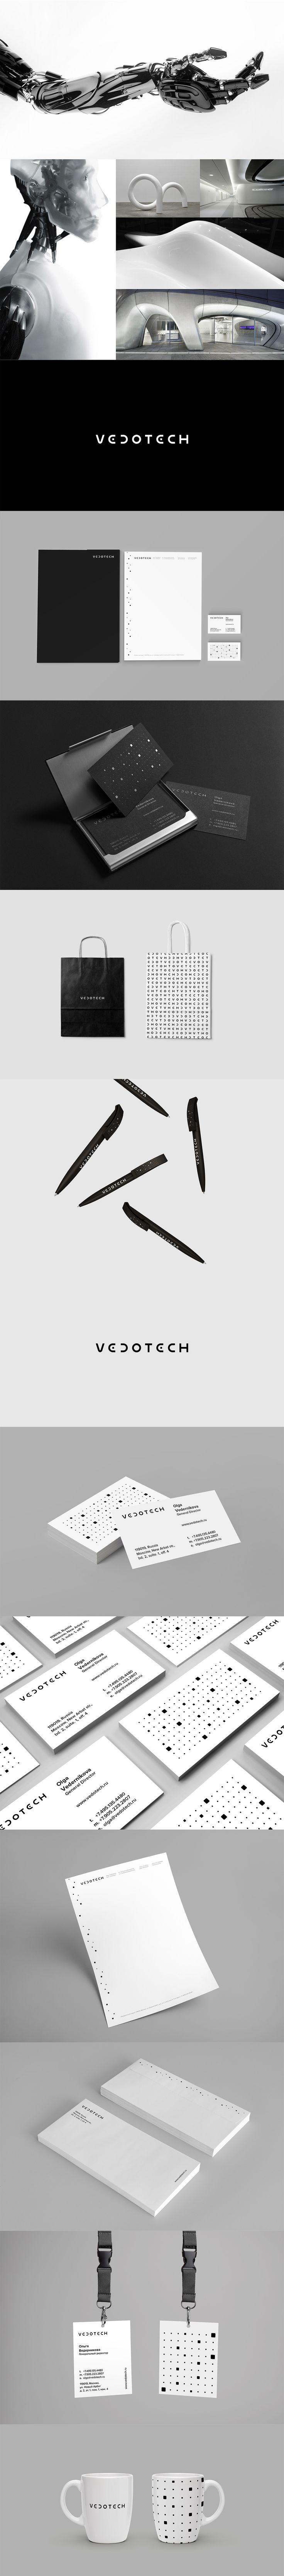 VEDOTECH, Фирменный стиль © KHANBOLTAEV